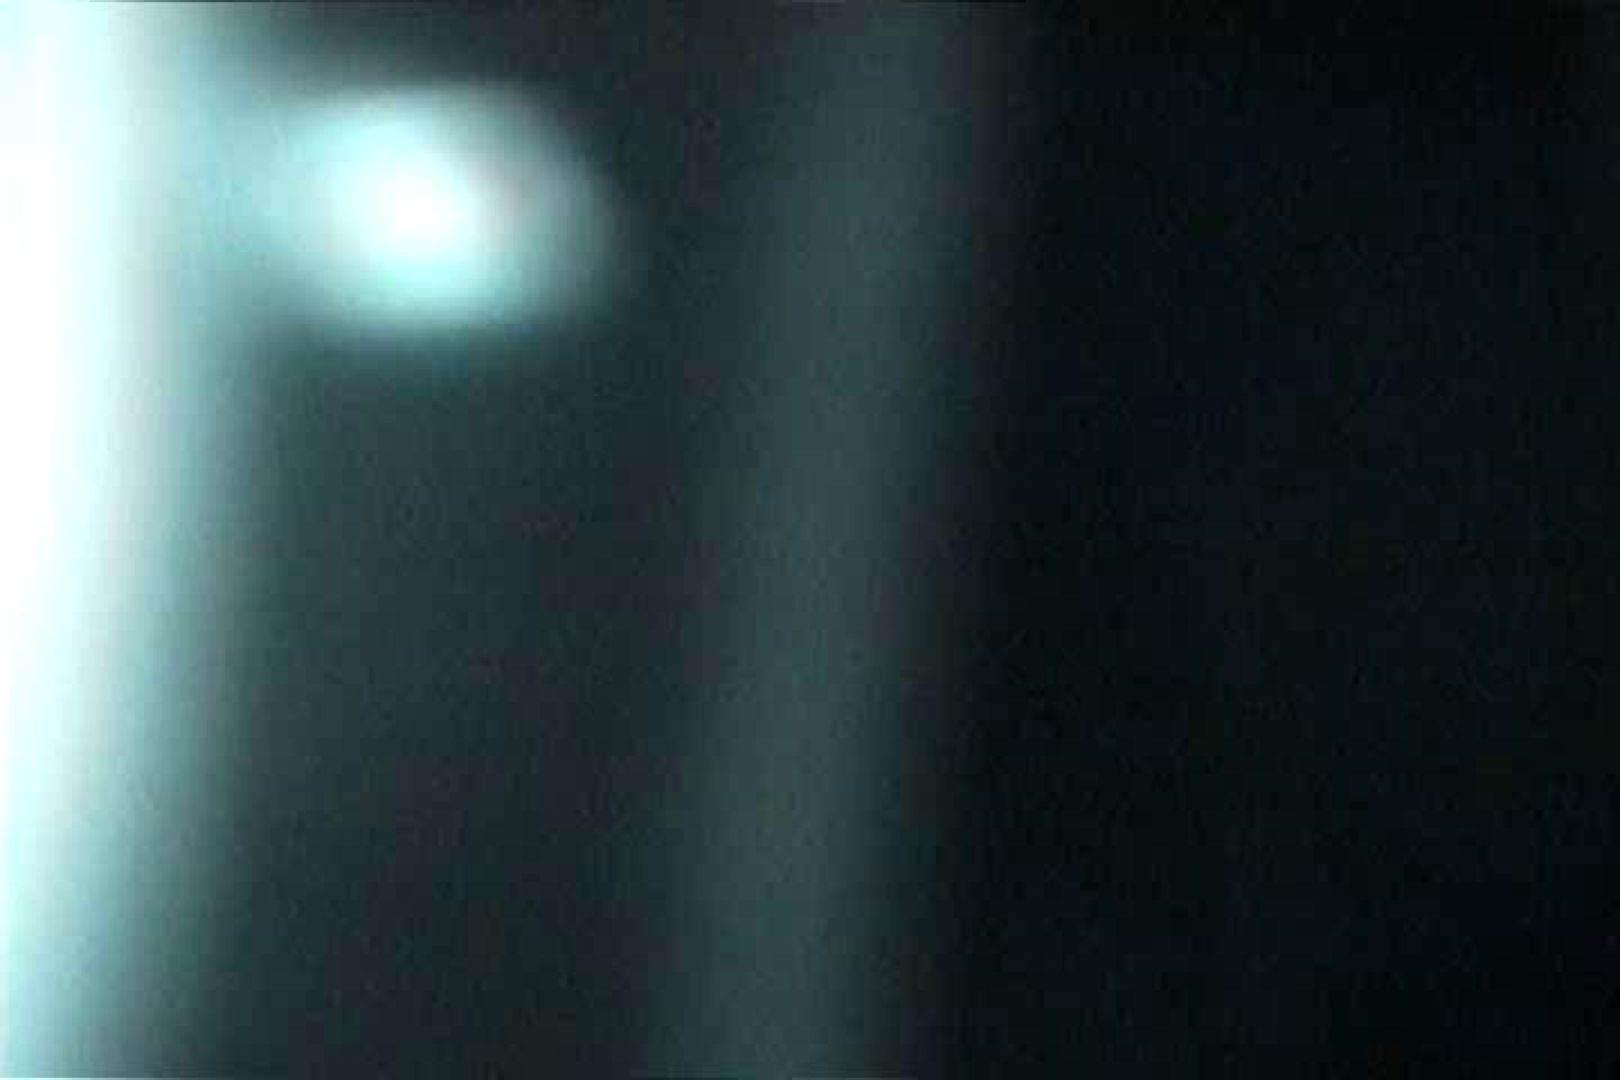 充血監督の深夜の運動会Vol.159 ぽっちゃり女性 オメコ動画キャプチャ 15連発 2